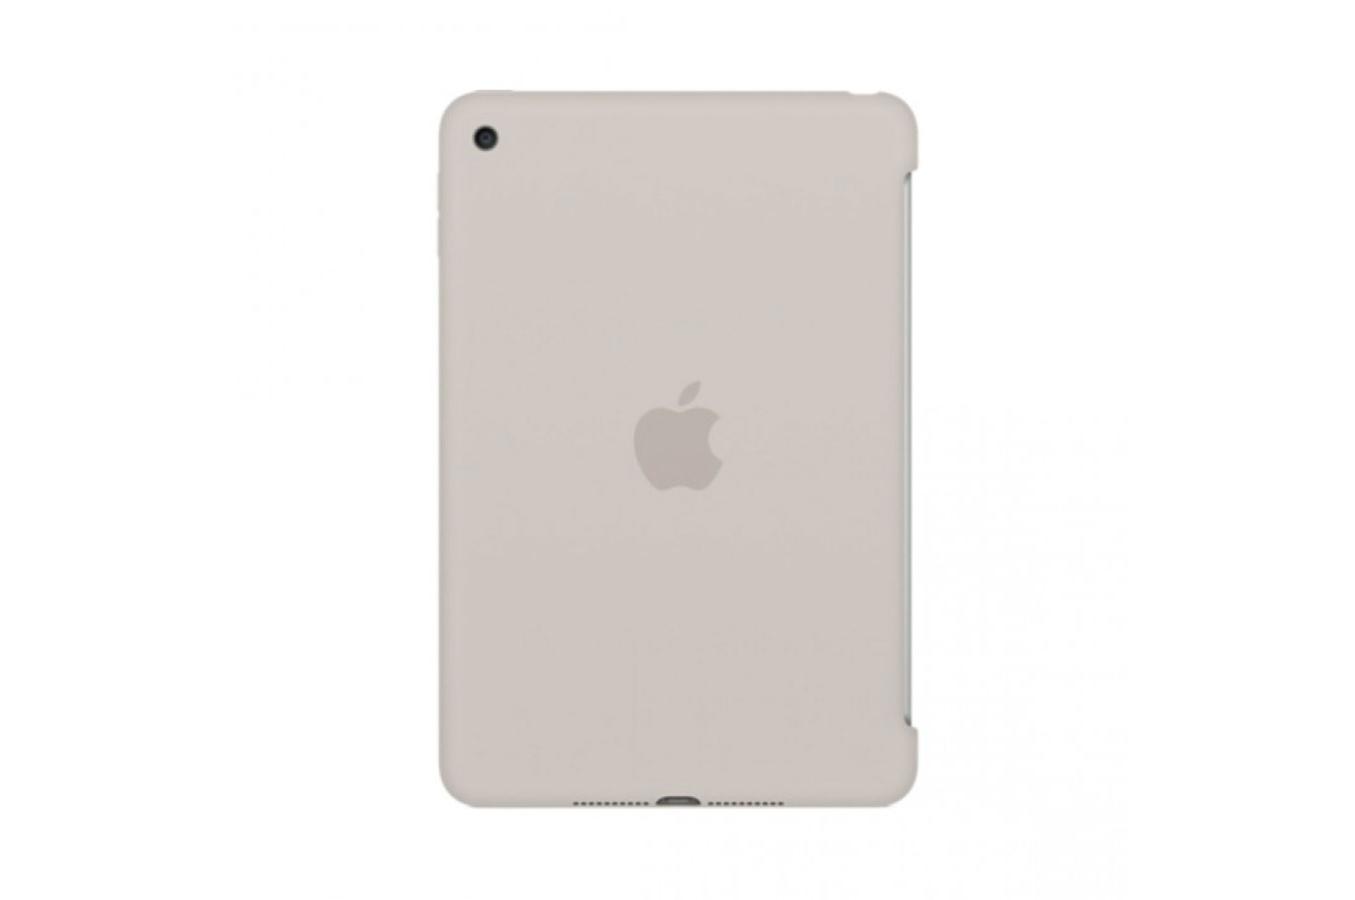 housse et tui pour tablette apple coque en silicone beige pour ipad mini 4 4167155 darty. Black Bedroom Furniture Sets. Home Design Ideas